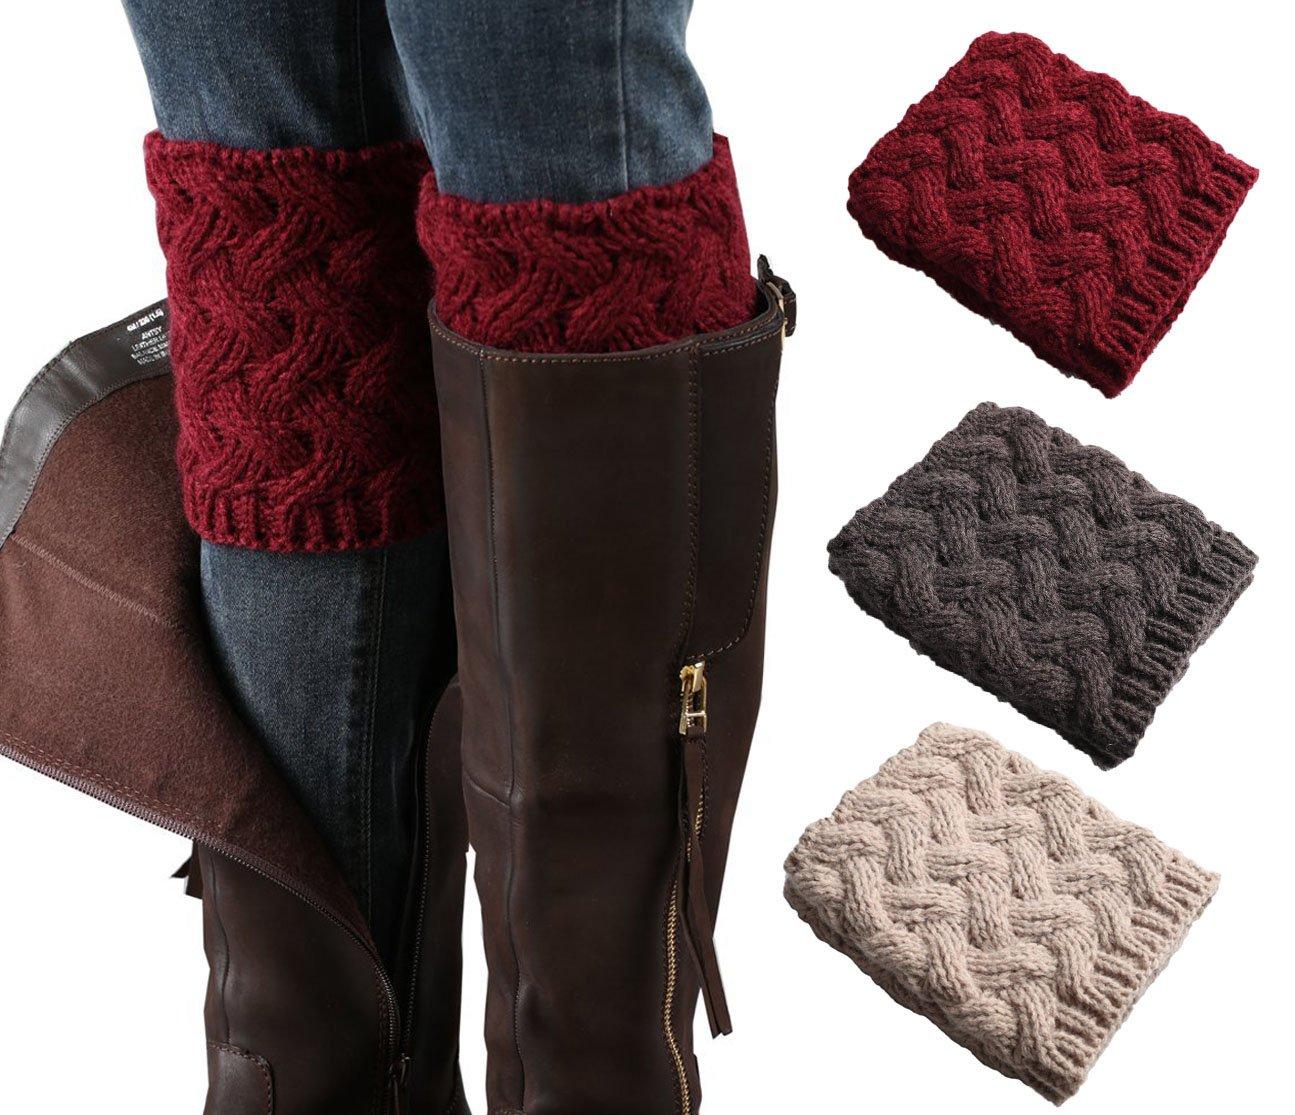 3 Pairs Women Short Boots Socks Crochet Knitted Boot Cuffs Short Leg Warmer (winered,darkgray,beige)